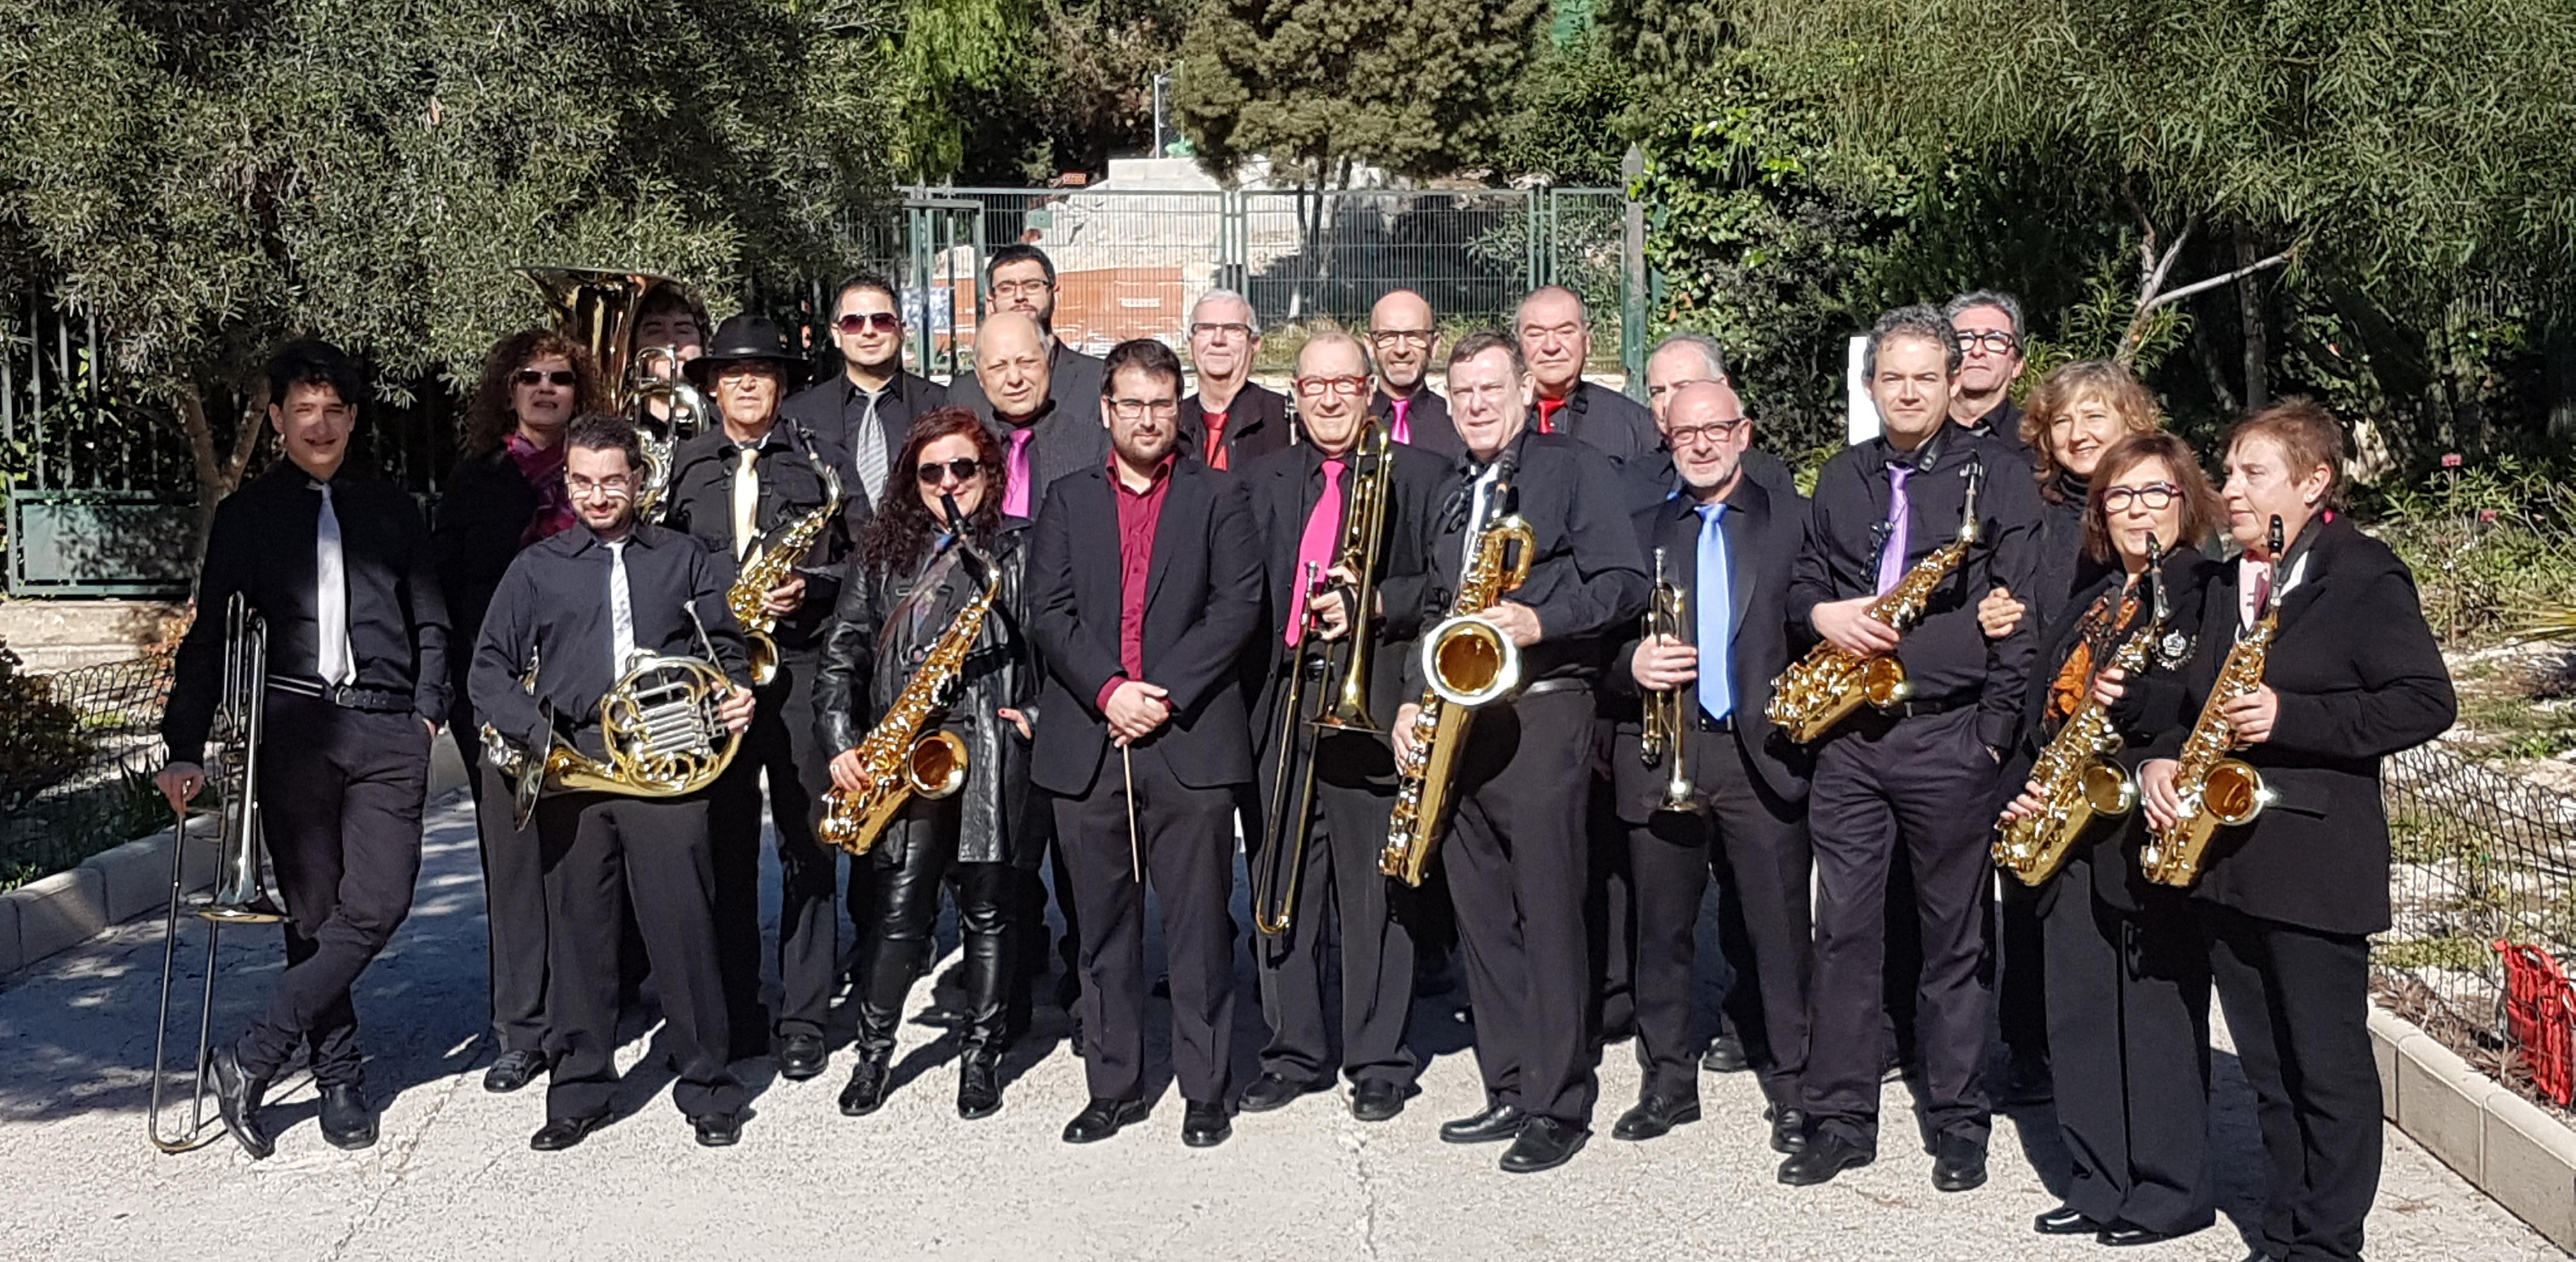 CONCIERTO DE LA BIG BAND | Societat Musical L'Harmonia d'Alacant